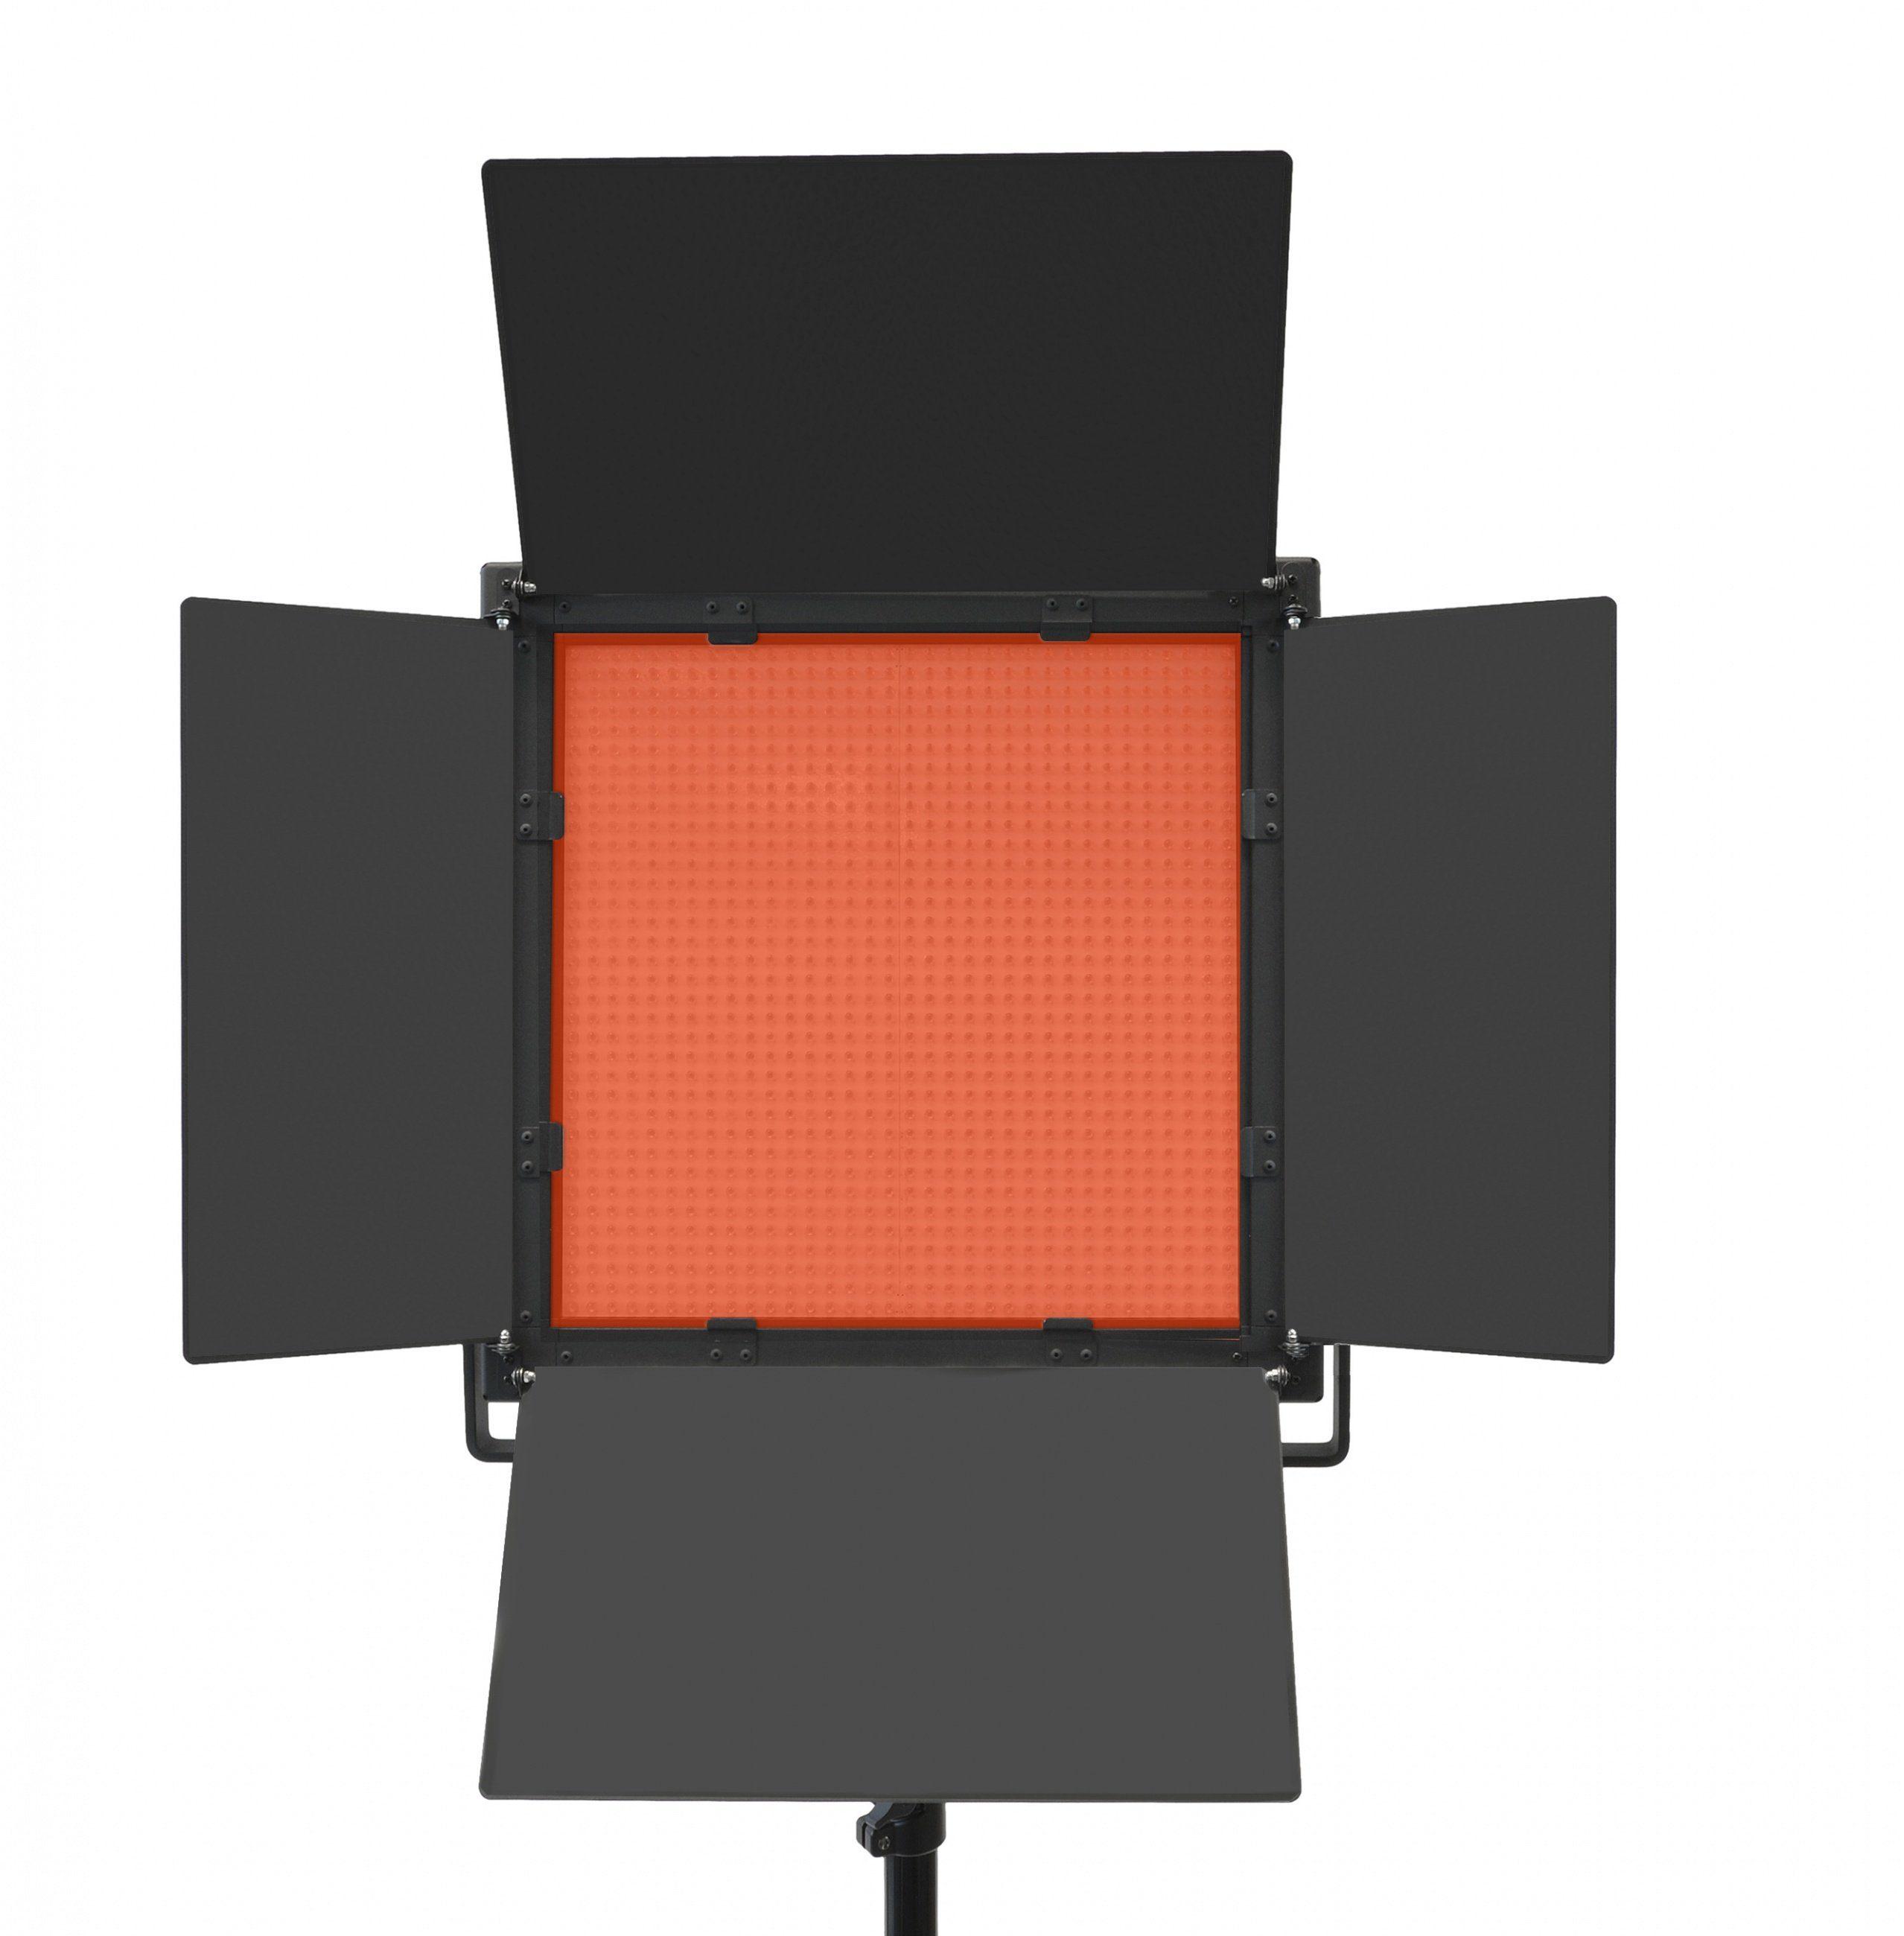 Bresser Studiolampe »BRESSER LS-1200 LED Studioleuchte 72W/11.800LUX«